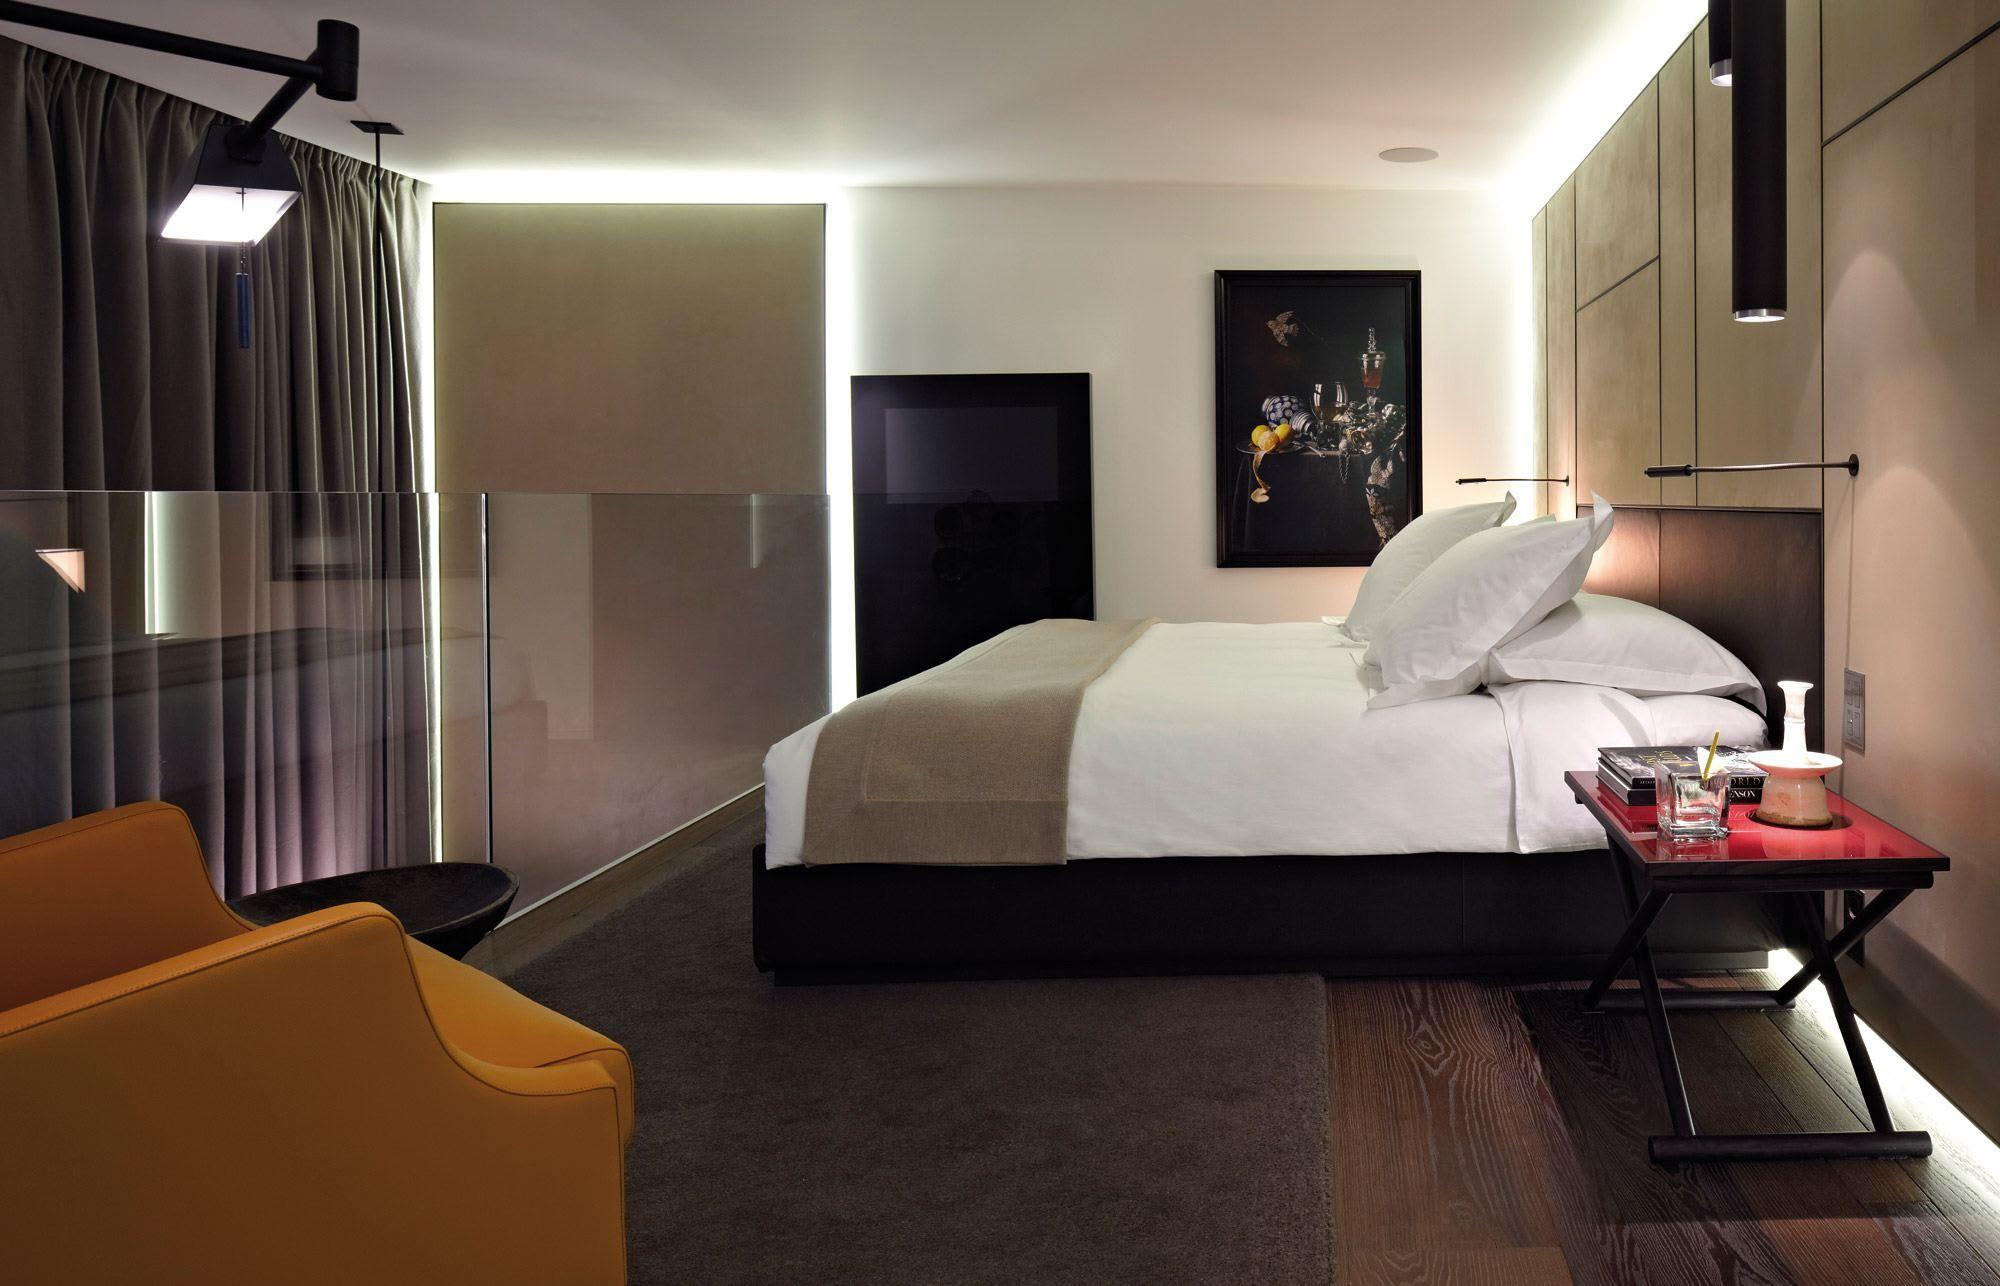 Conservatorium Hotel, Amsterdam / Lissoni Associati